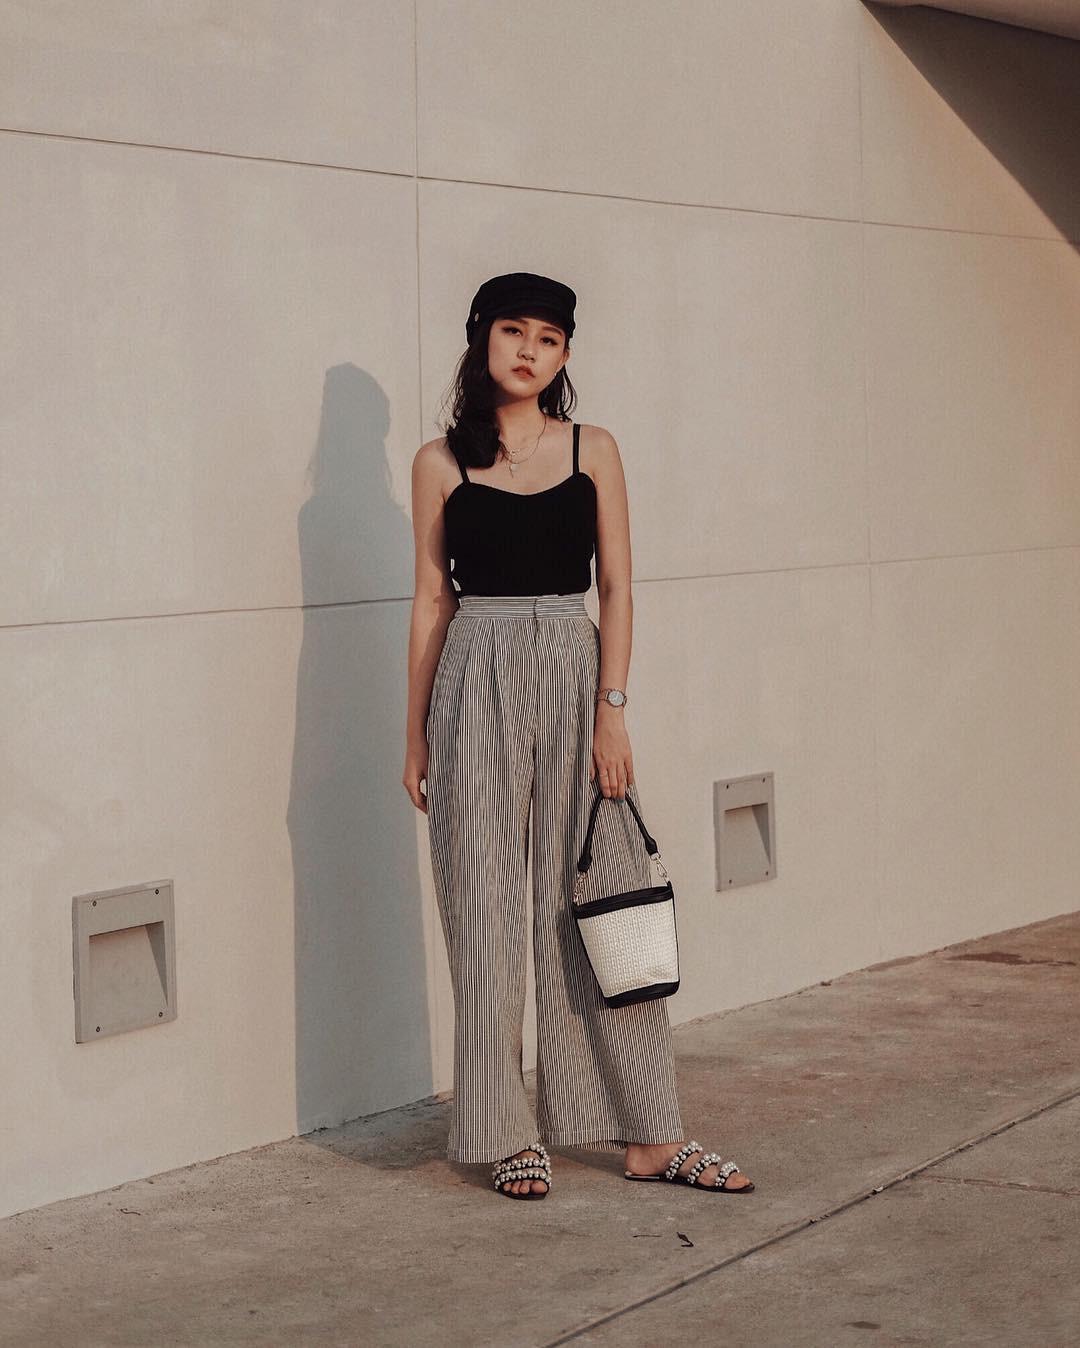 Diện quần ống rộng, bạn cứ mix với 4 kiểu áo sau là chắc cốp đẹp và sành điệu - Ảnh 5.